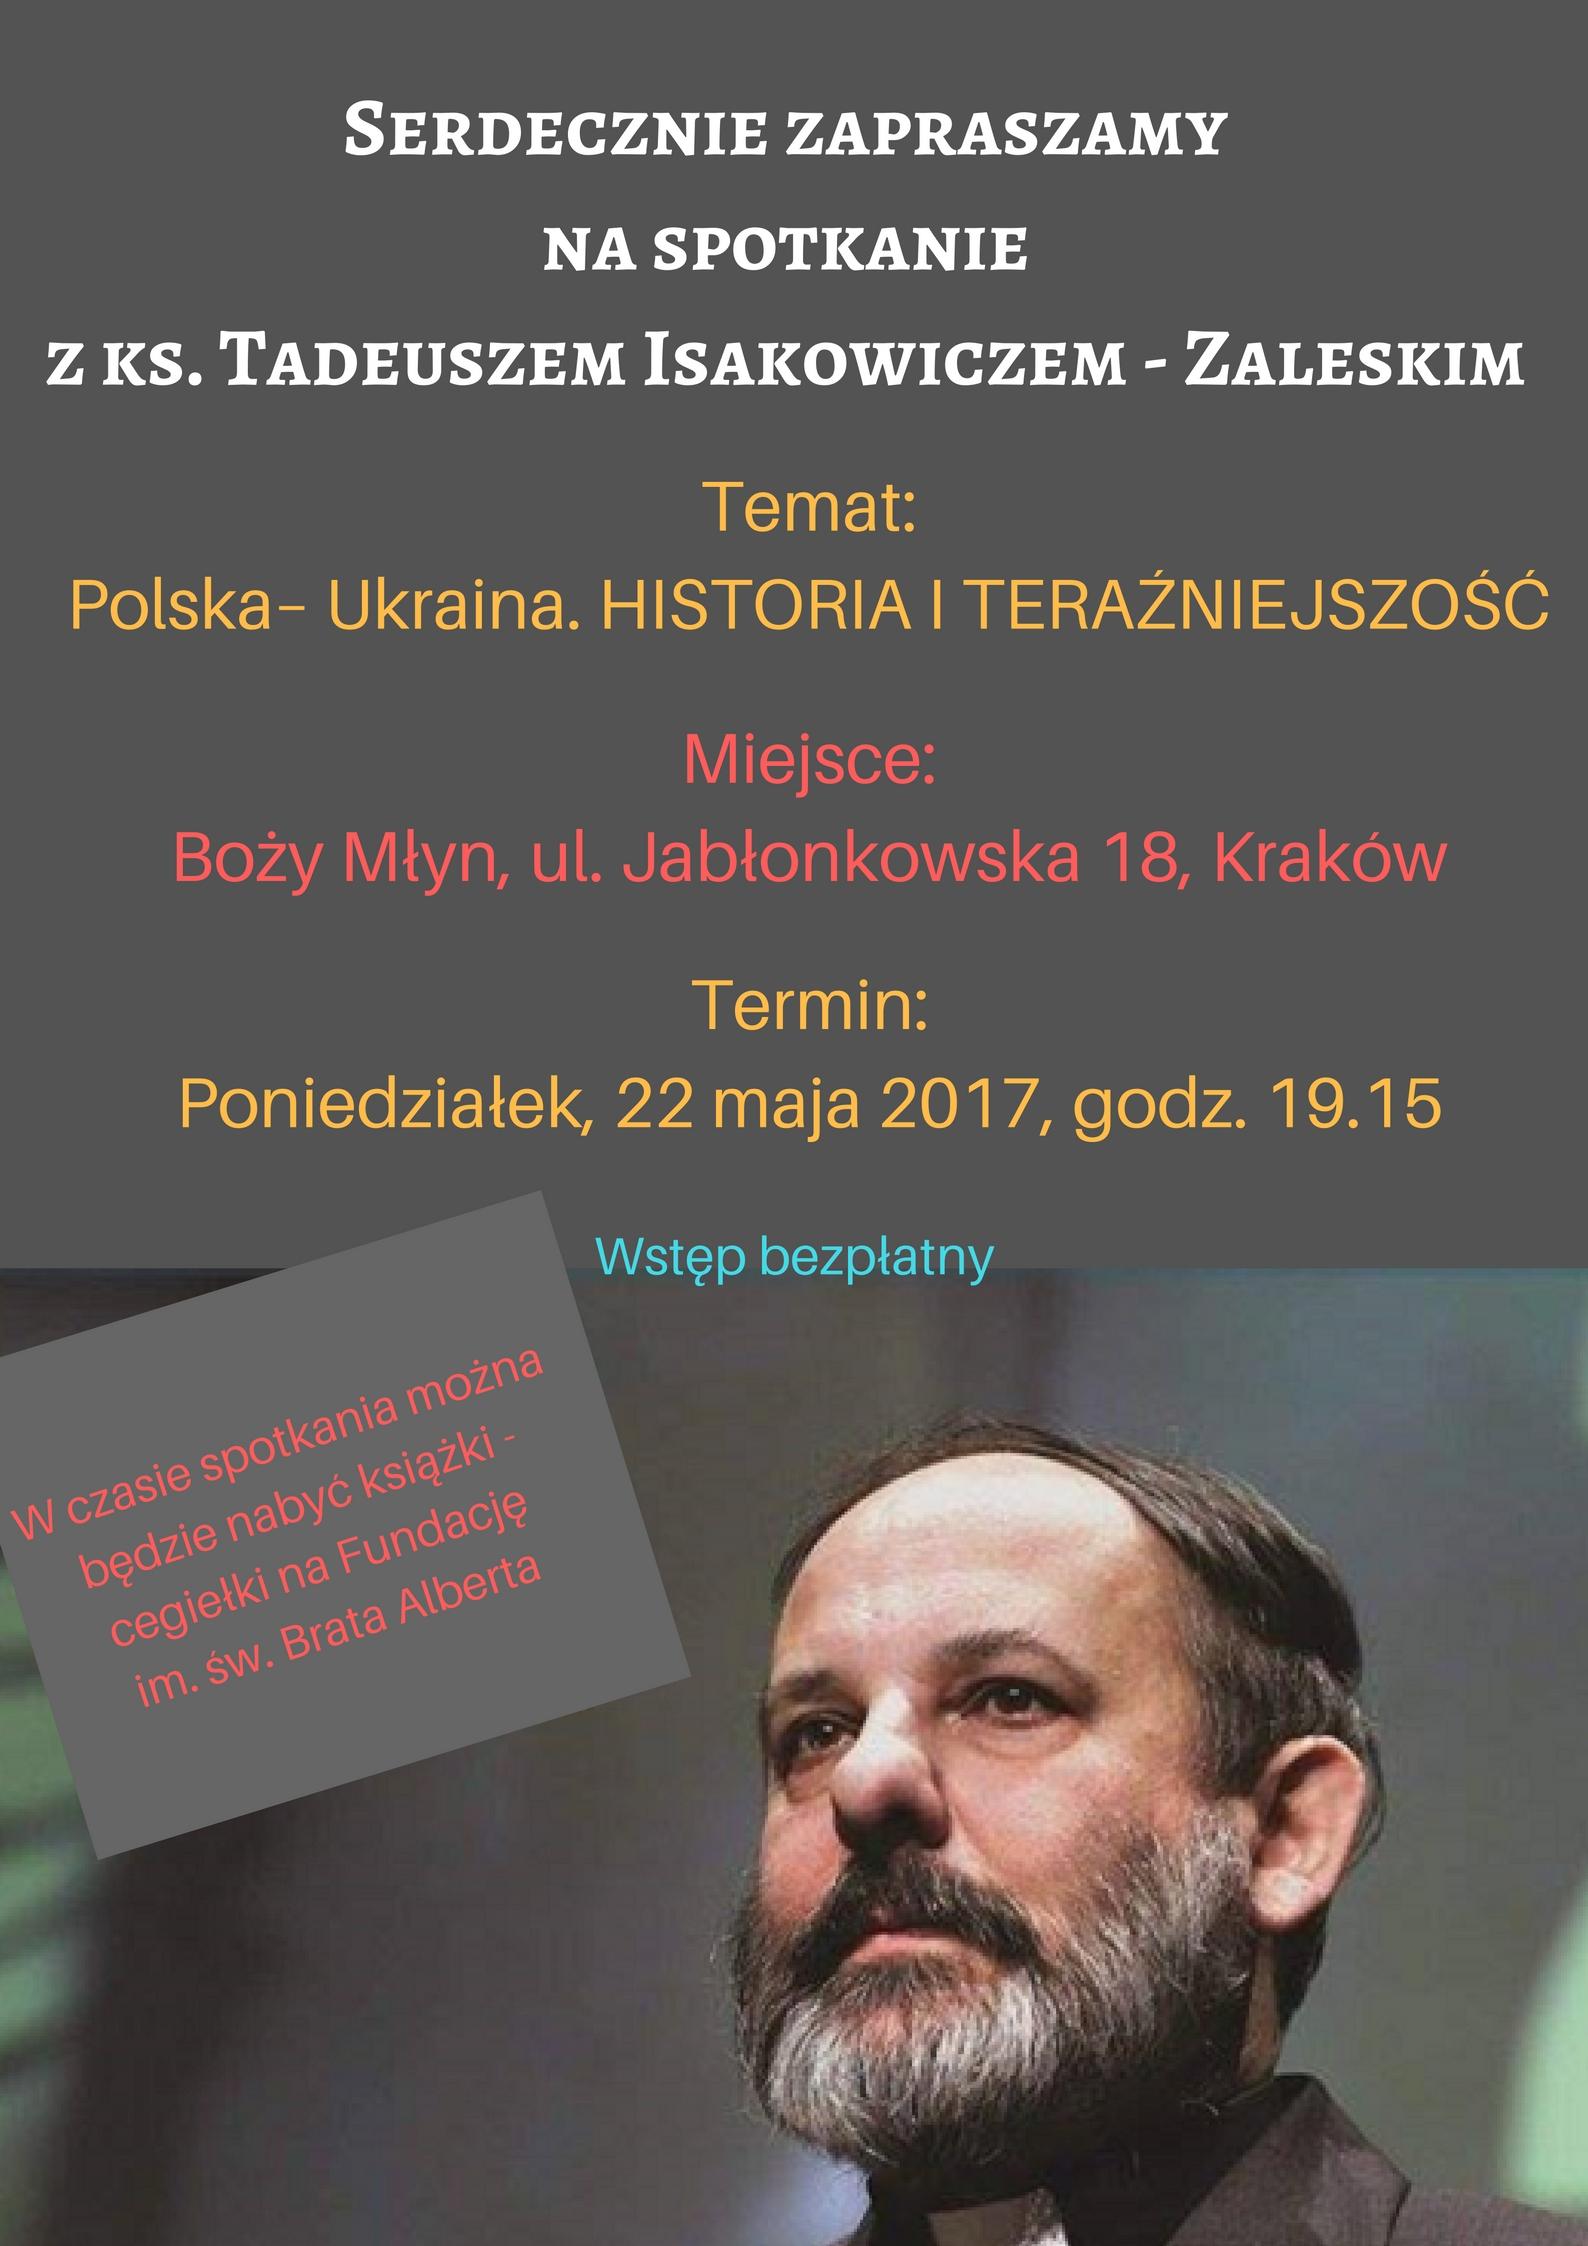 Spotkanie z ks. Tadeuszem Isakowiczem – Zaleskim